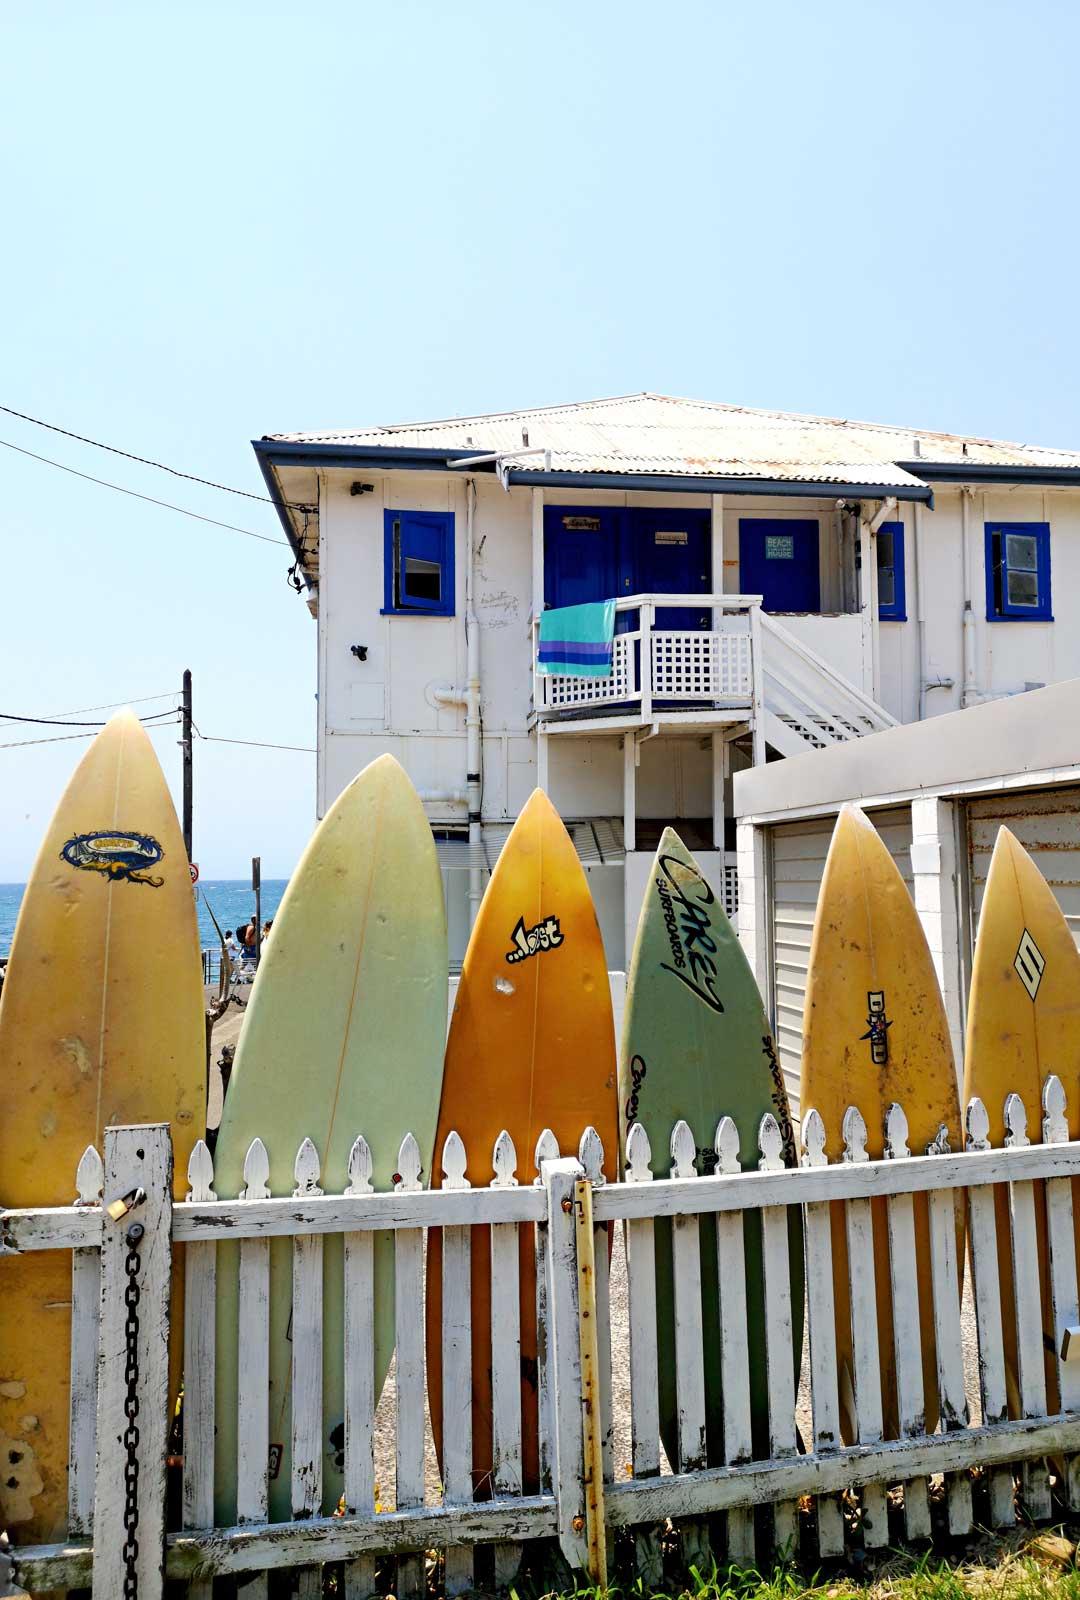 Surffaus oli yksi syy, miksi Björckit alunperin päättivät muuttaa Australiaan.